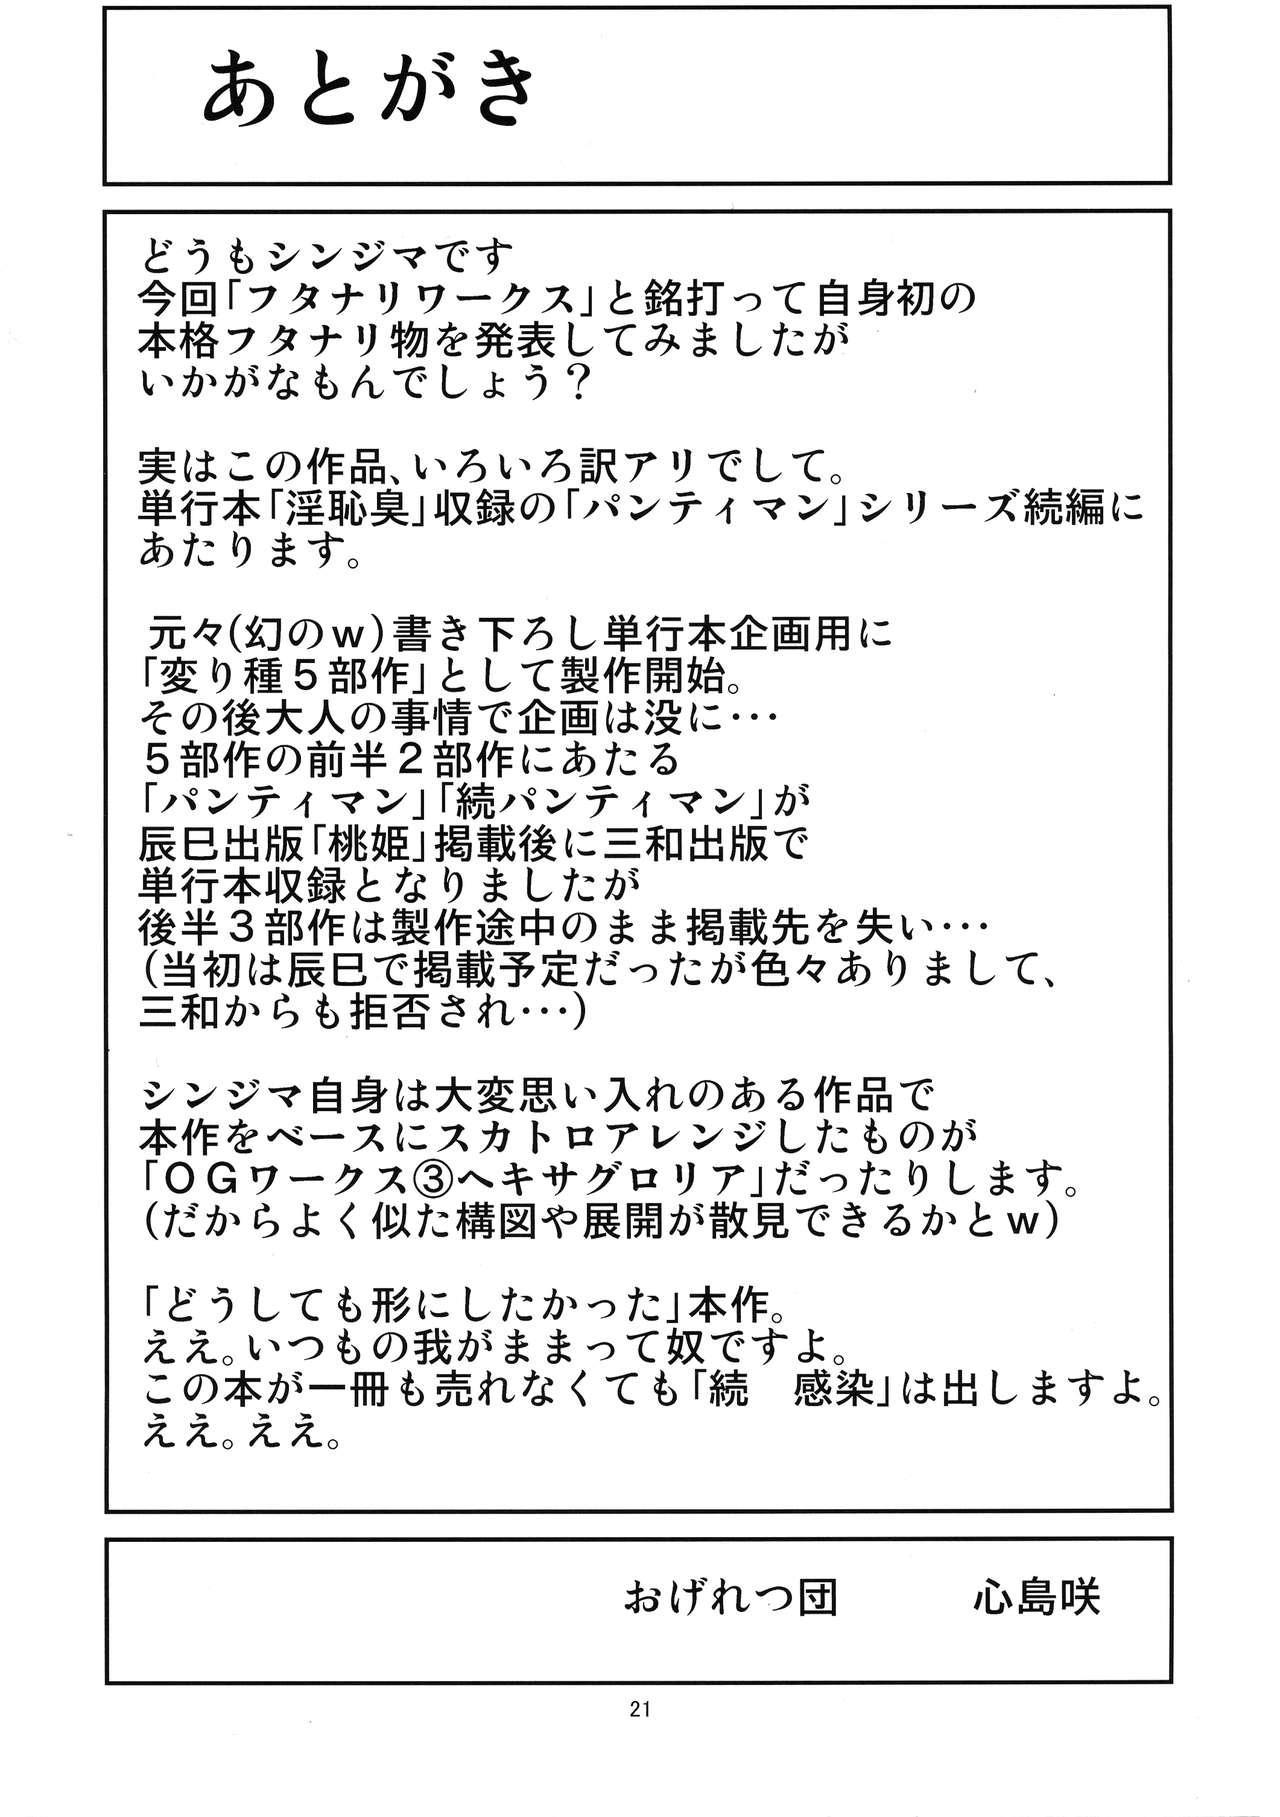 Futanari Works 1 Kansen 22